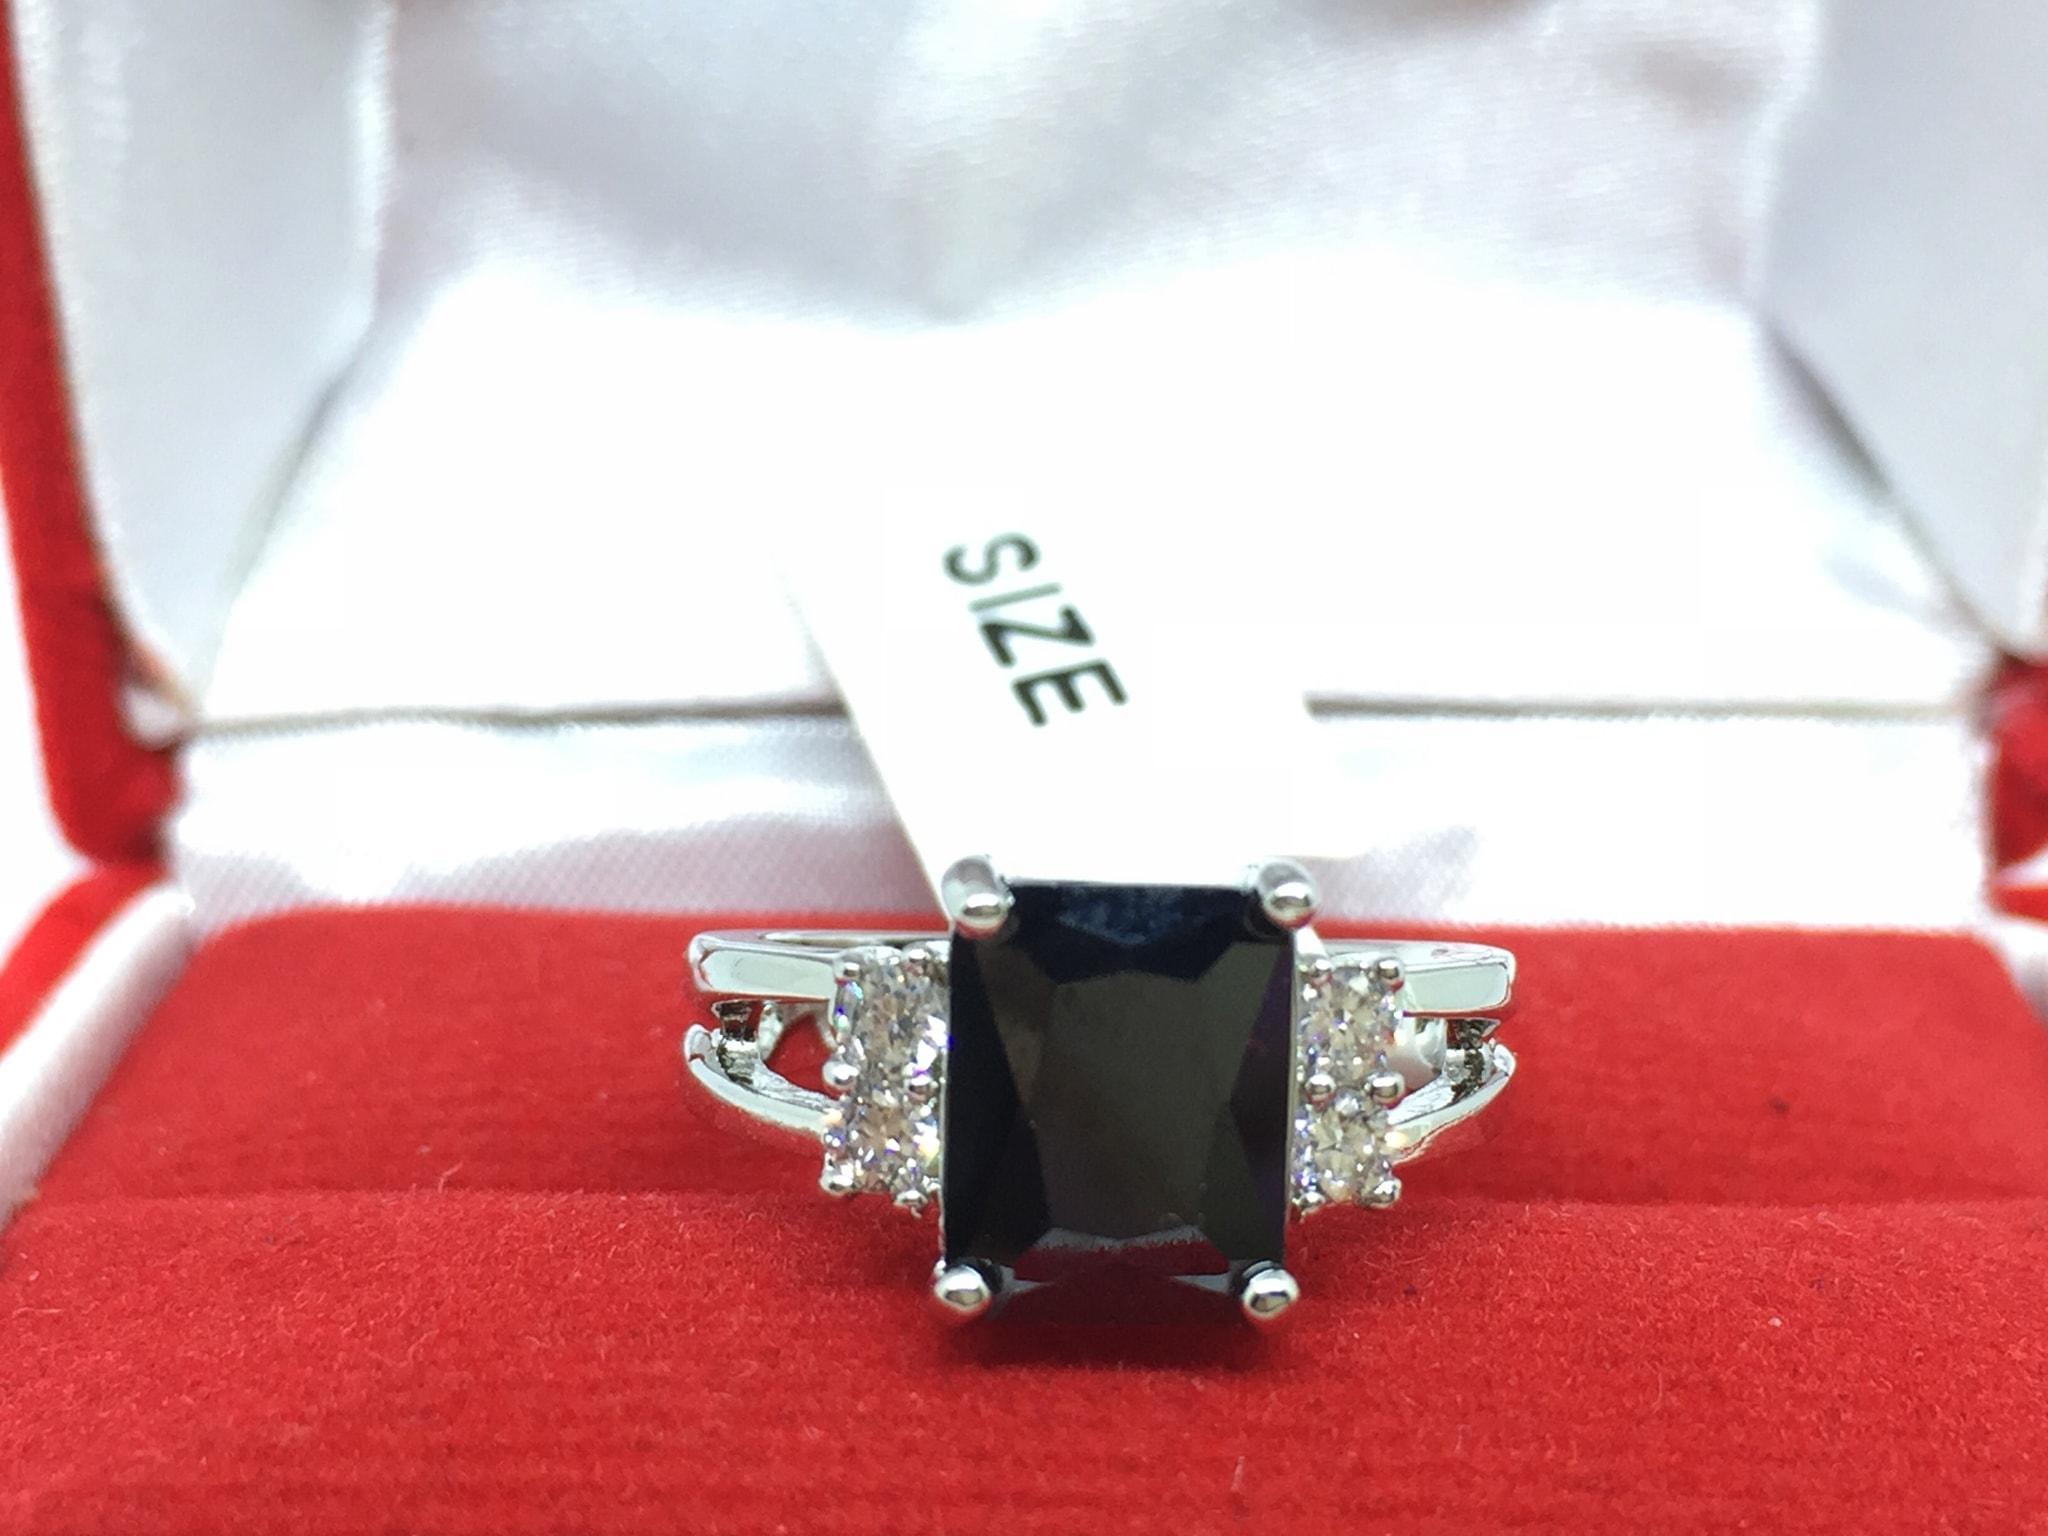 NEW Promo Perhiasan Cincin Batu Hitam Silver Lapis Platinum Kotak Persegi Imitasi BR036B Murah